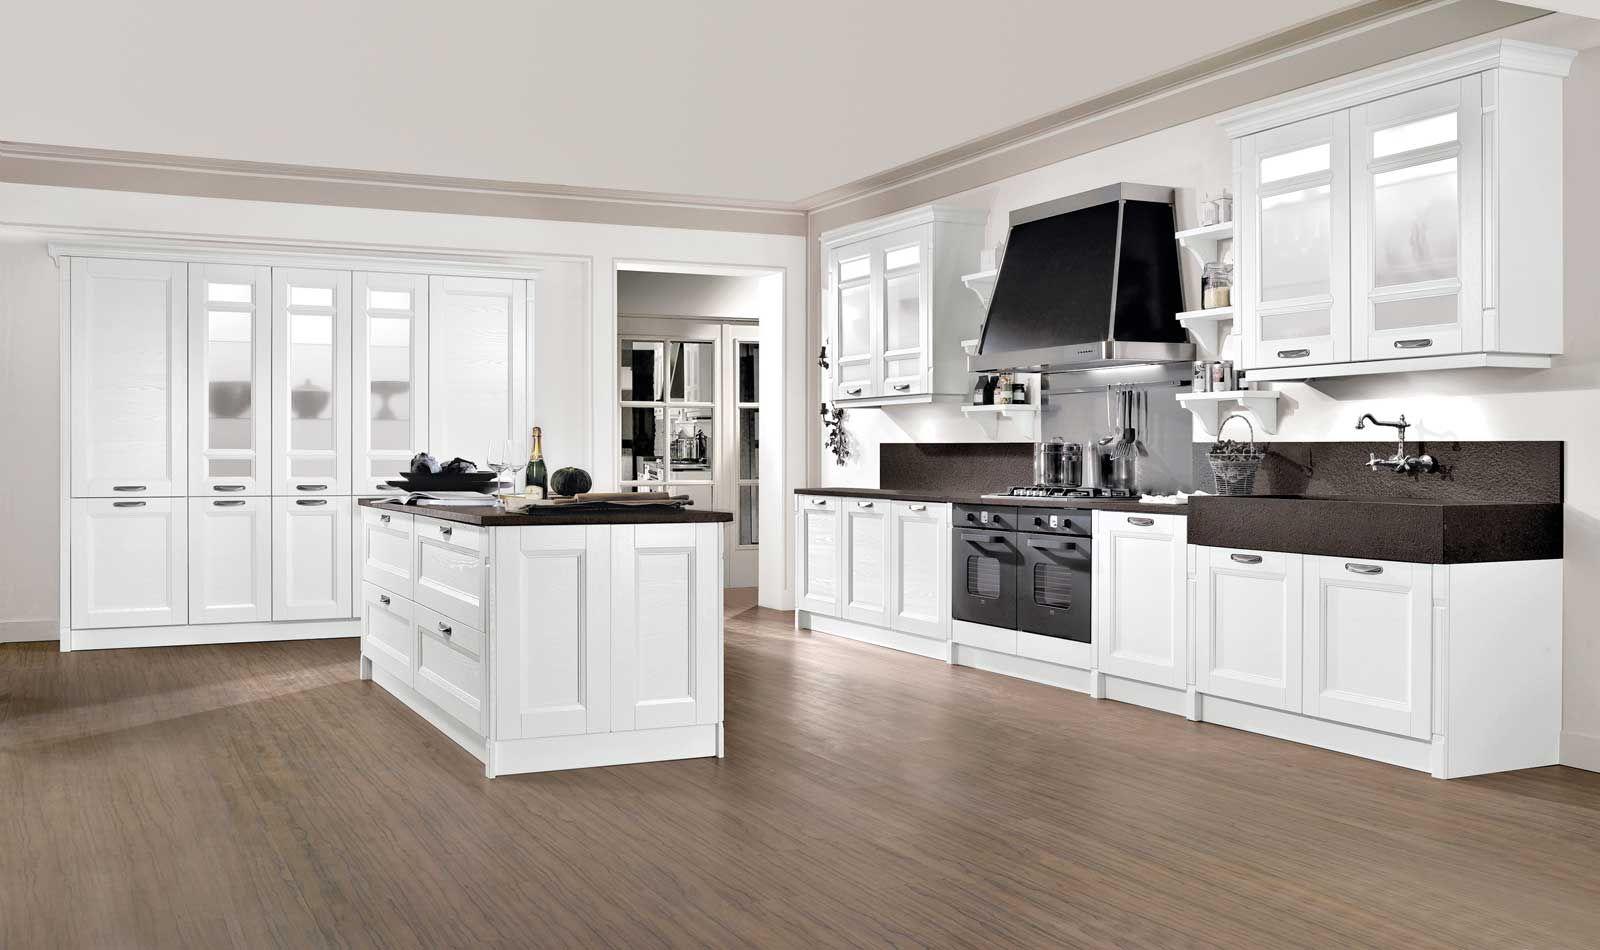 Kitchen idea (Arredo 3 - Mod. Gioiosa bianco).   Home Dream Home ...